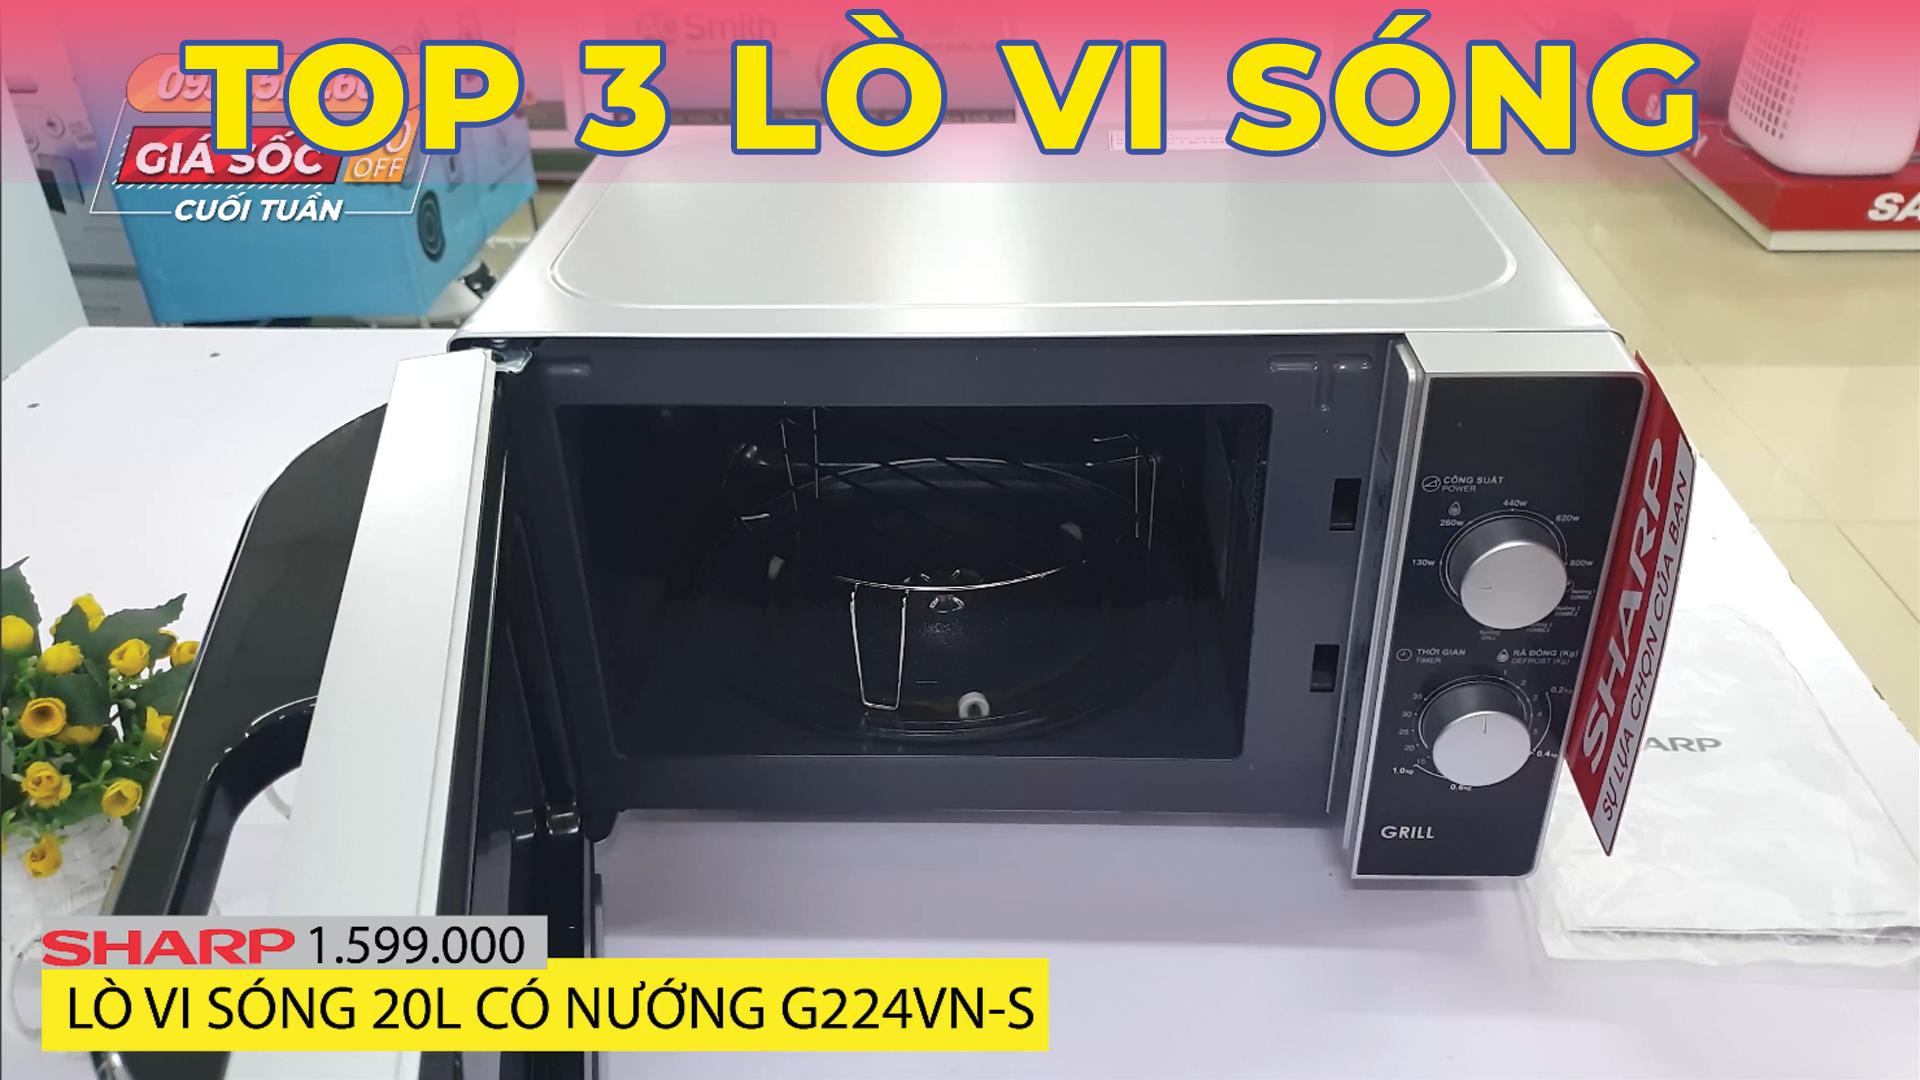 Top 3 lò vi sóng giá rẻ bán chạy tại Ánh Chinh 2020